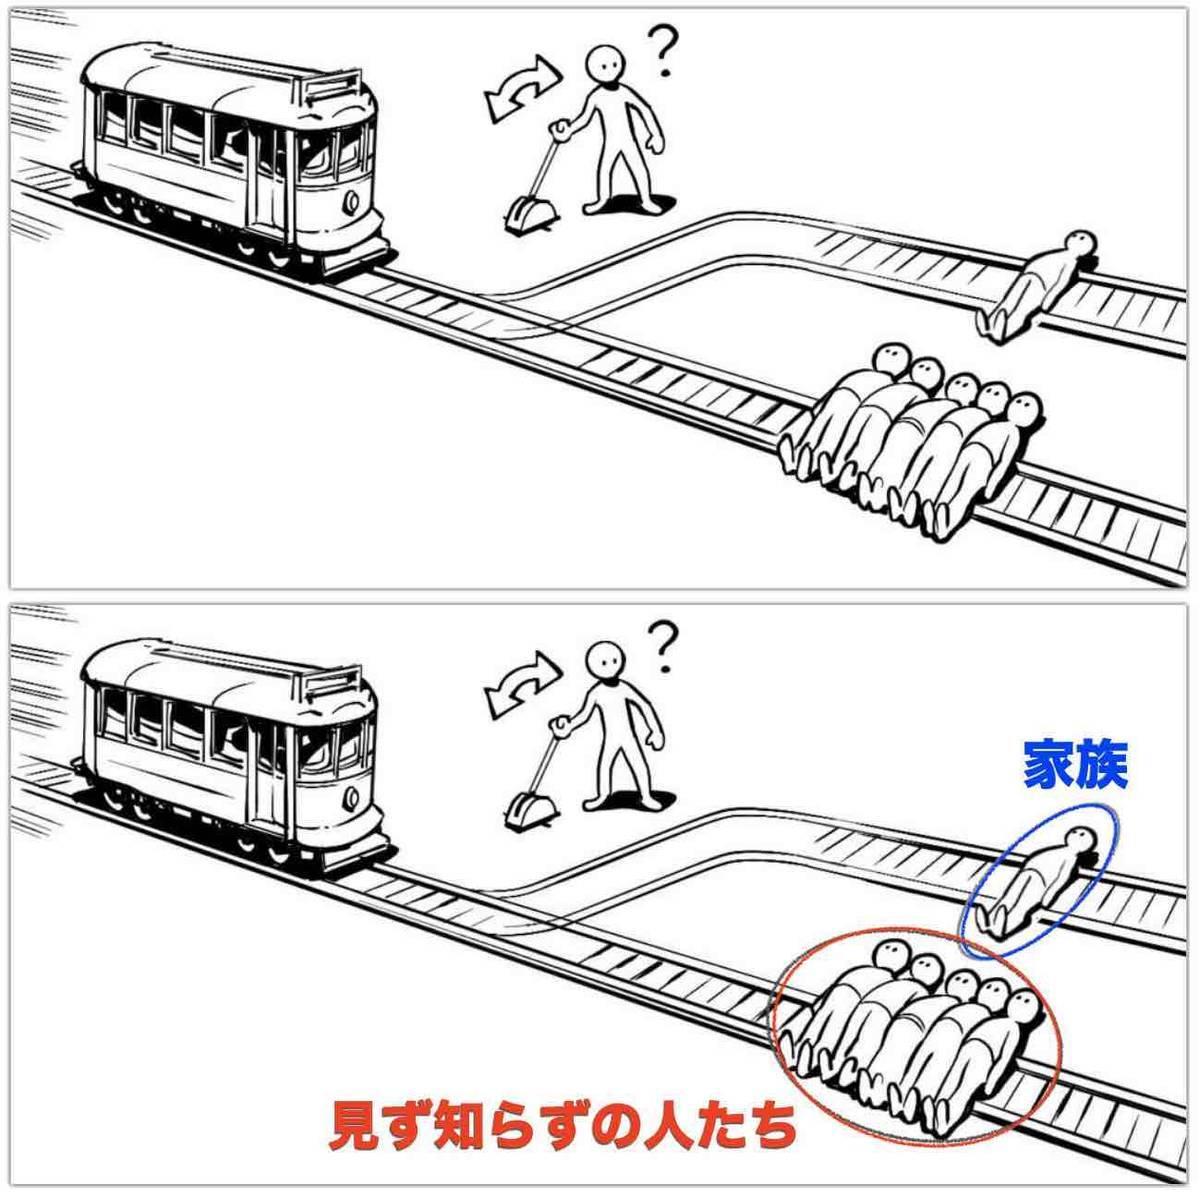 f:id:kaedetaniyoshi:20200816160828j:plain